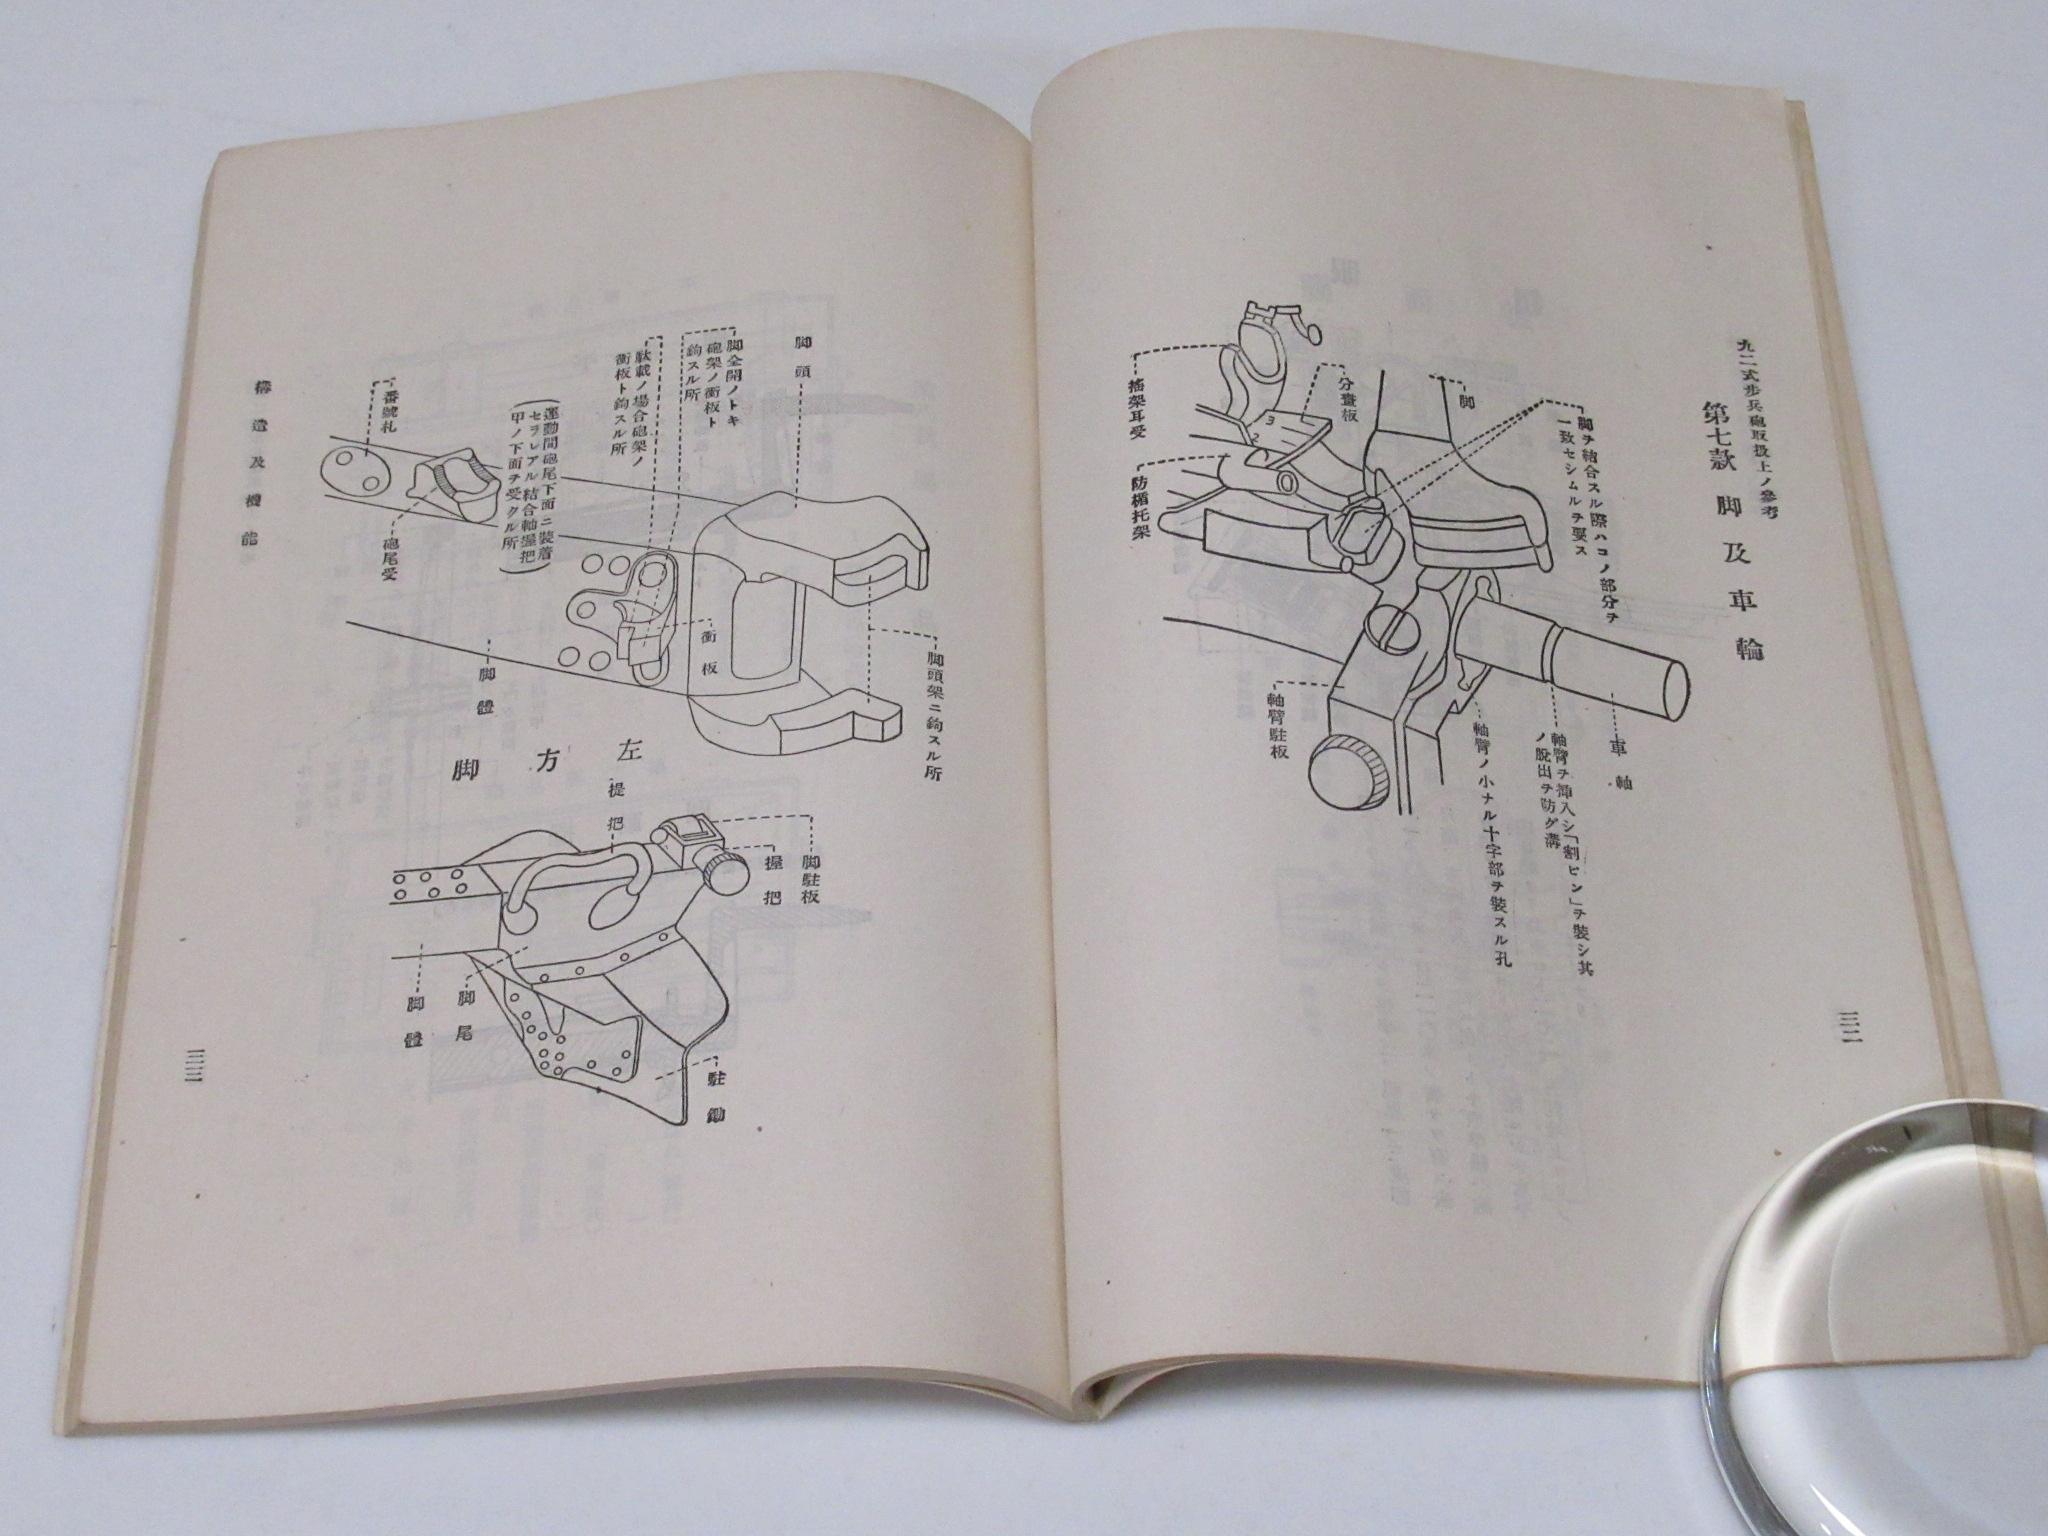 九二式歩兵砲取扱上ノ参考 陸軍歩兵学校将校集会所 Type 92 battalion gun